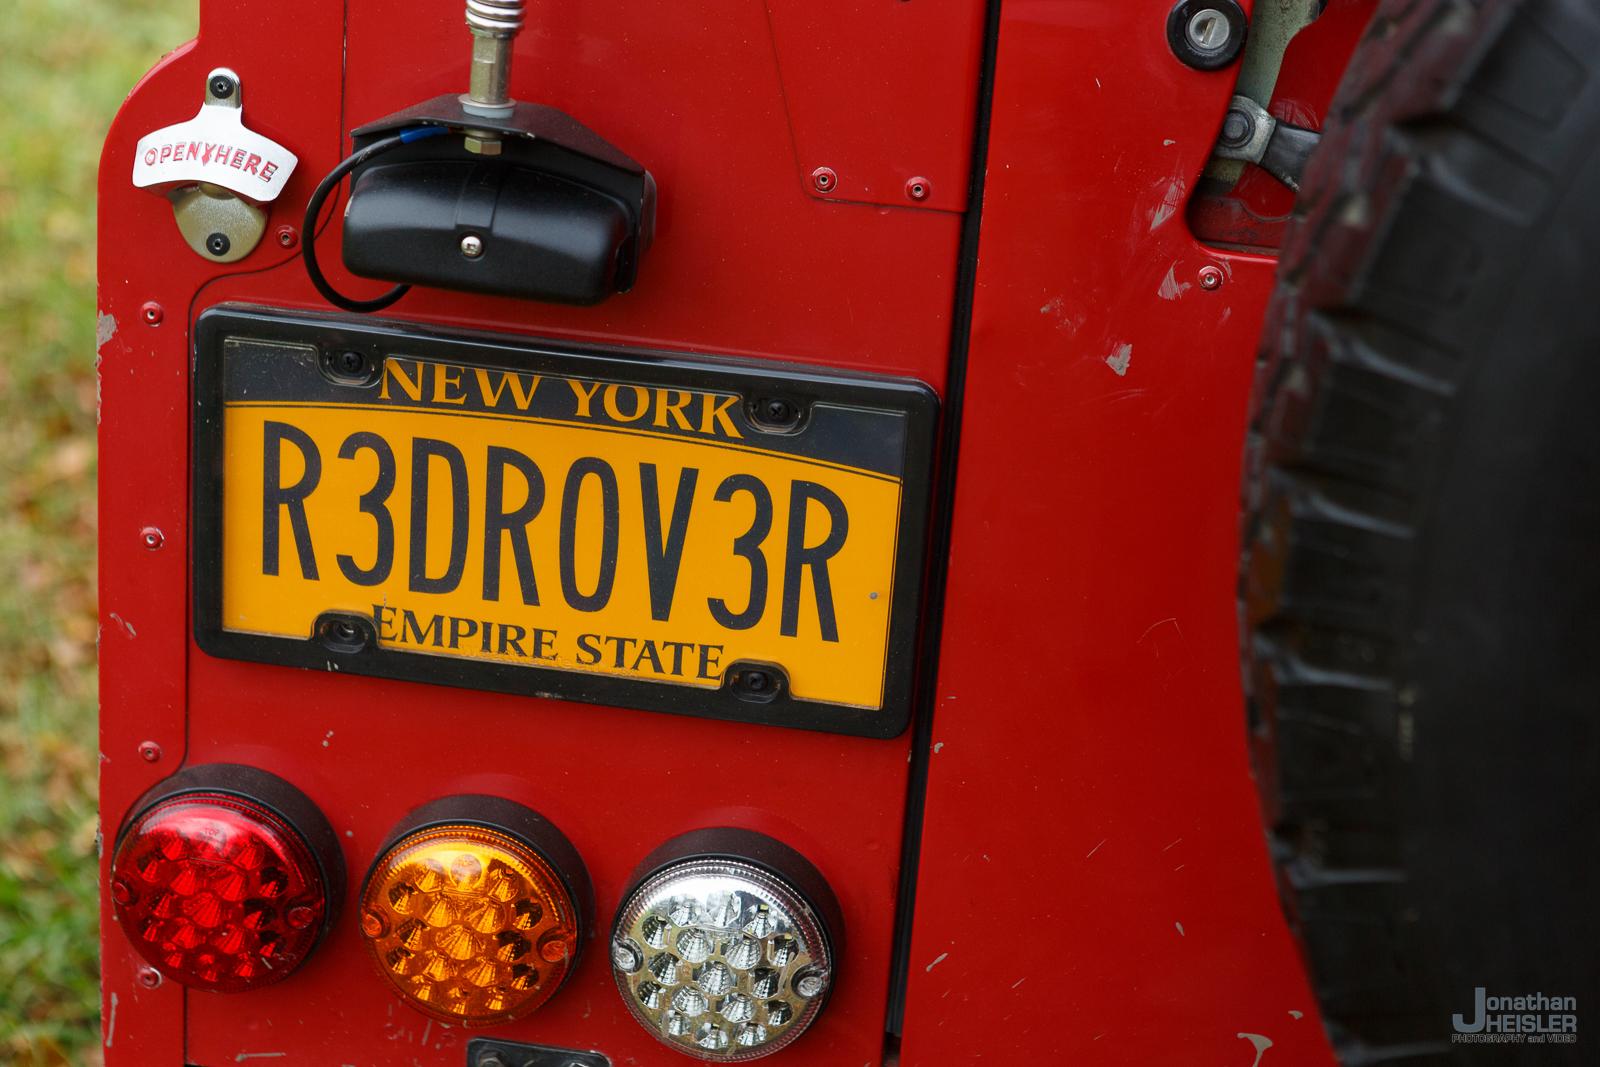 Guy Fawkes Land Rover_ Land Rover Defender __ Jonathan Heisler _ Jonathan Heisler Photography020.jpg